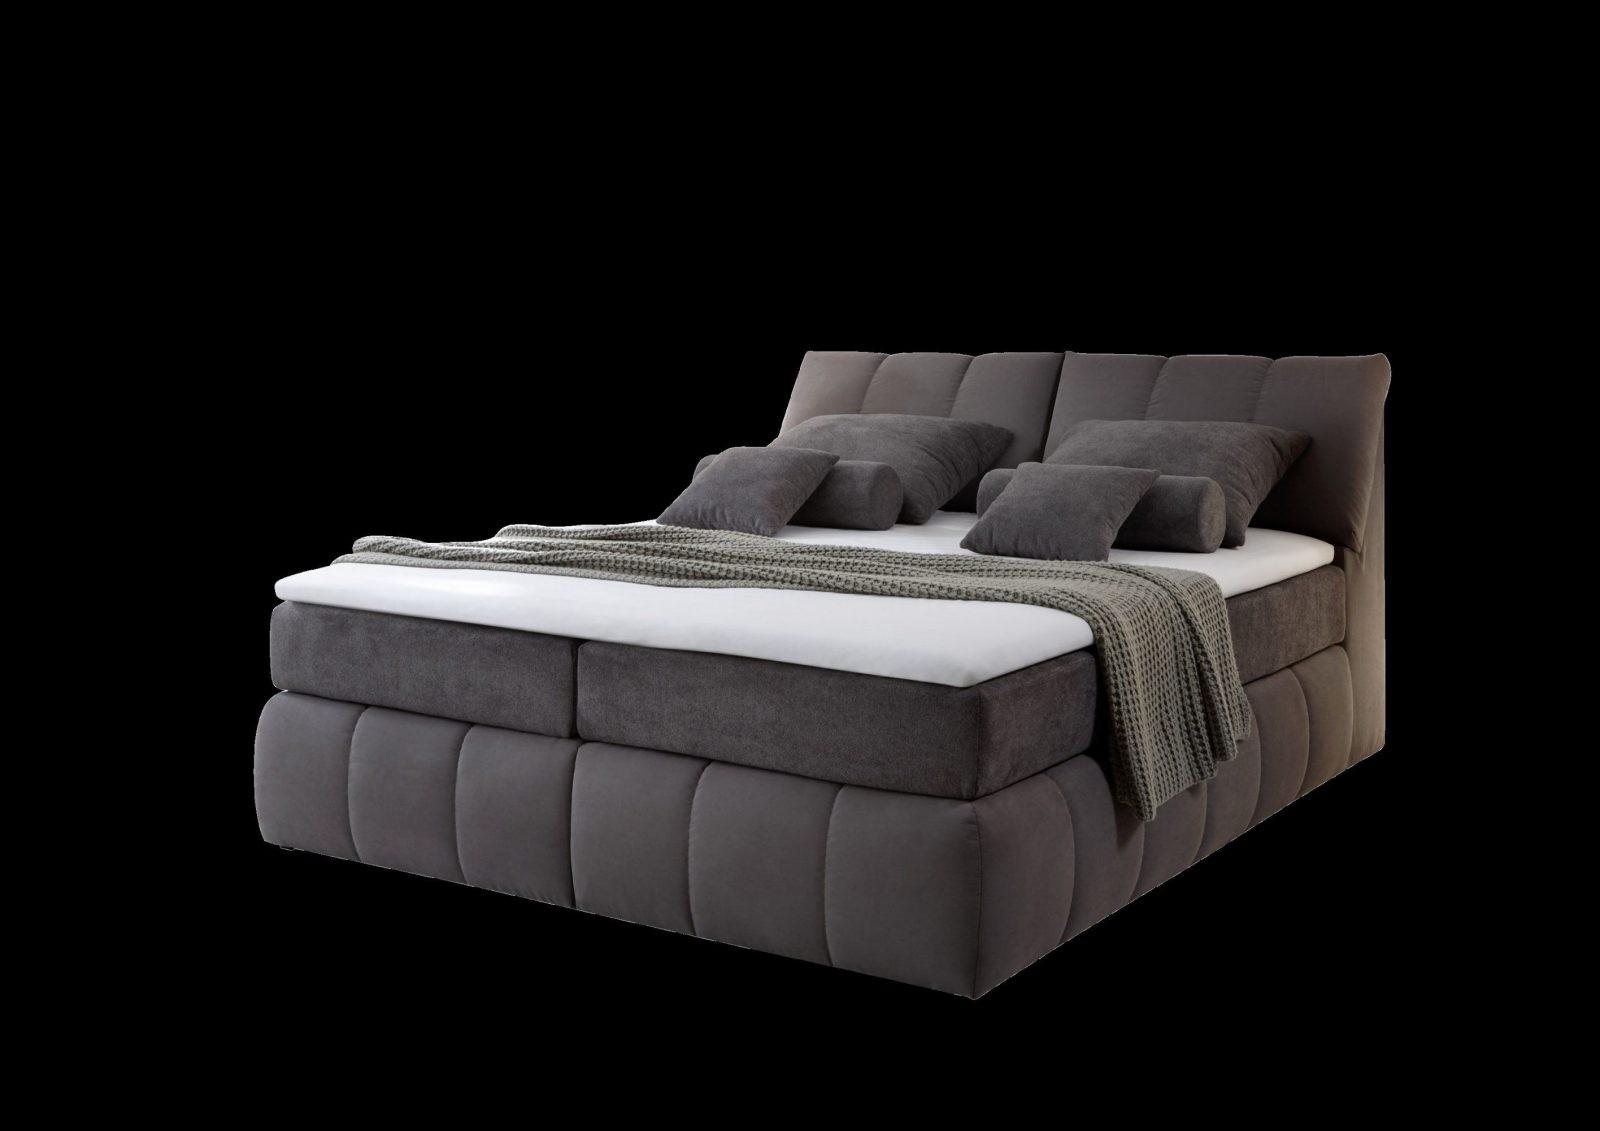 Wohnideen  Abverkauf Schlafzimmermobel Mit Neu Genial Zo Derscheid von Boxspringbett Vito Fine Bild